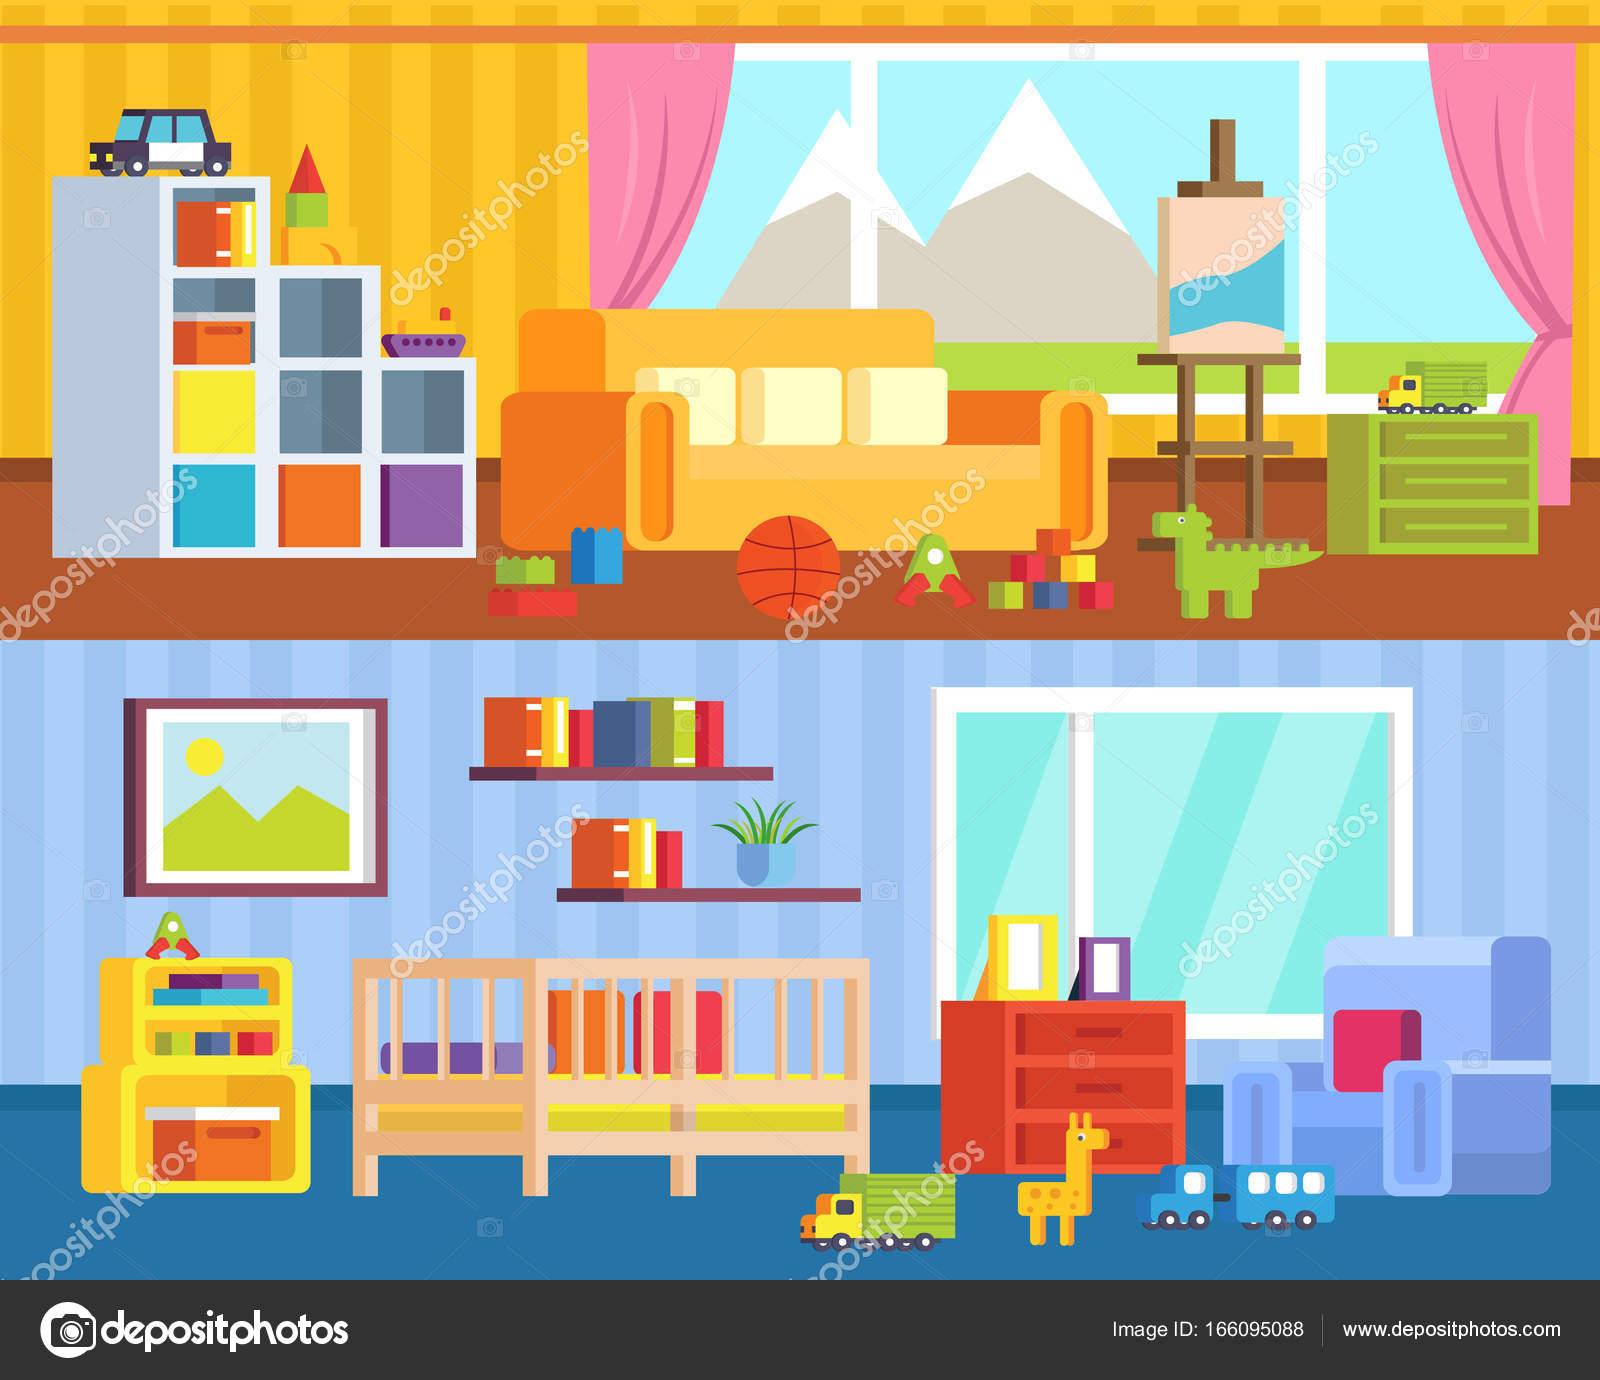 Juguetes Patio Niños Muebles Para GuarderiaConjunto Habitaciones vm8n0wNOyP